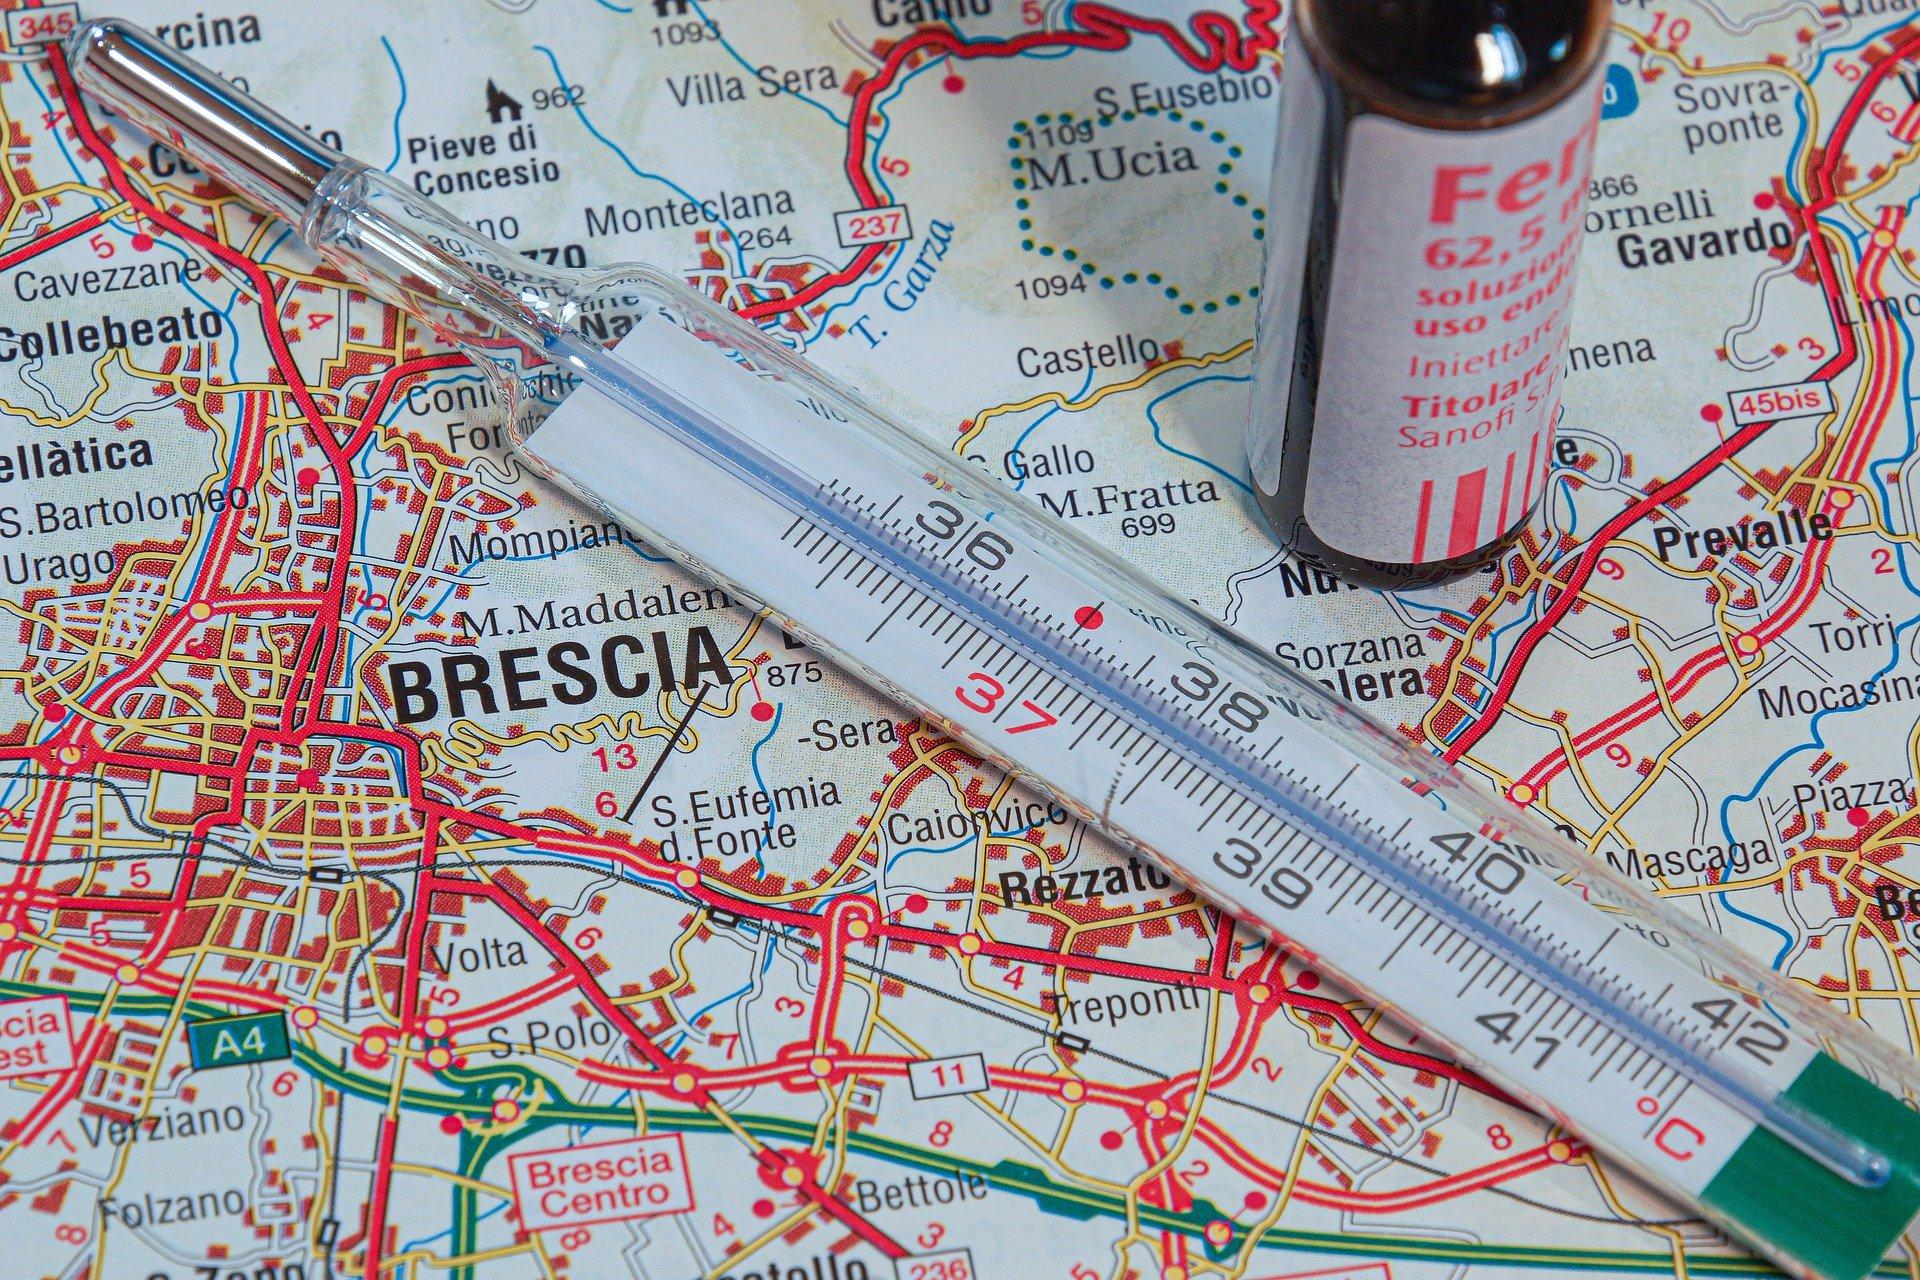 Karte von Italien mit Medizin und Fieberthermometer daraufgestellt